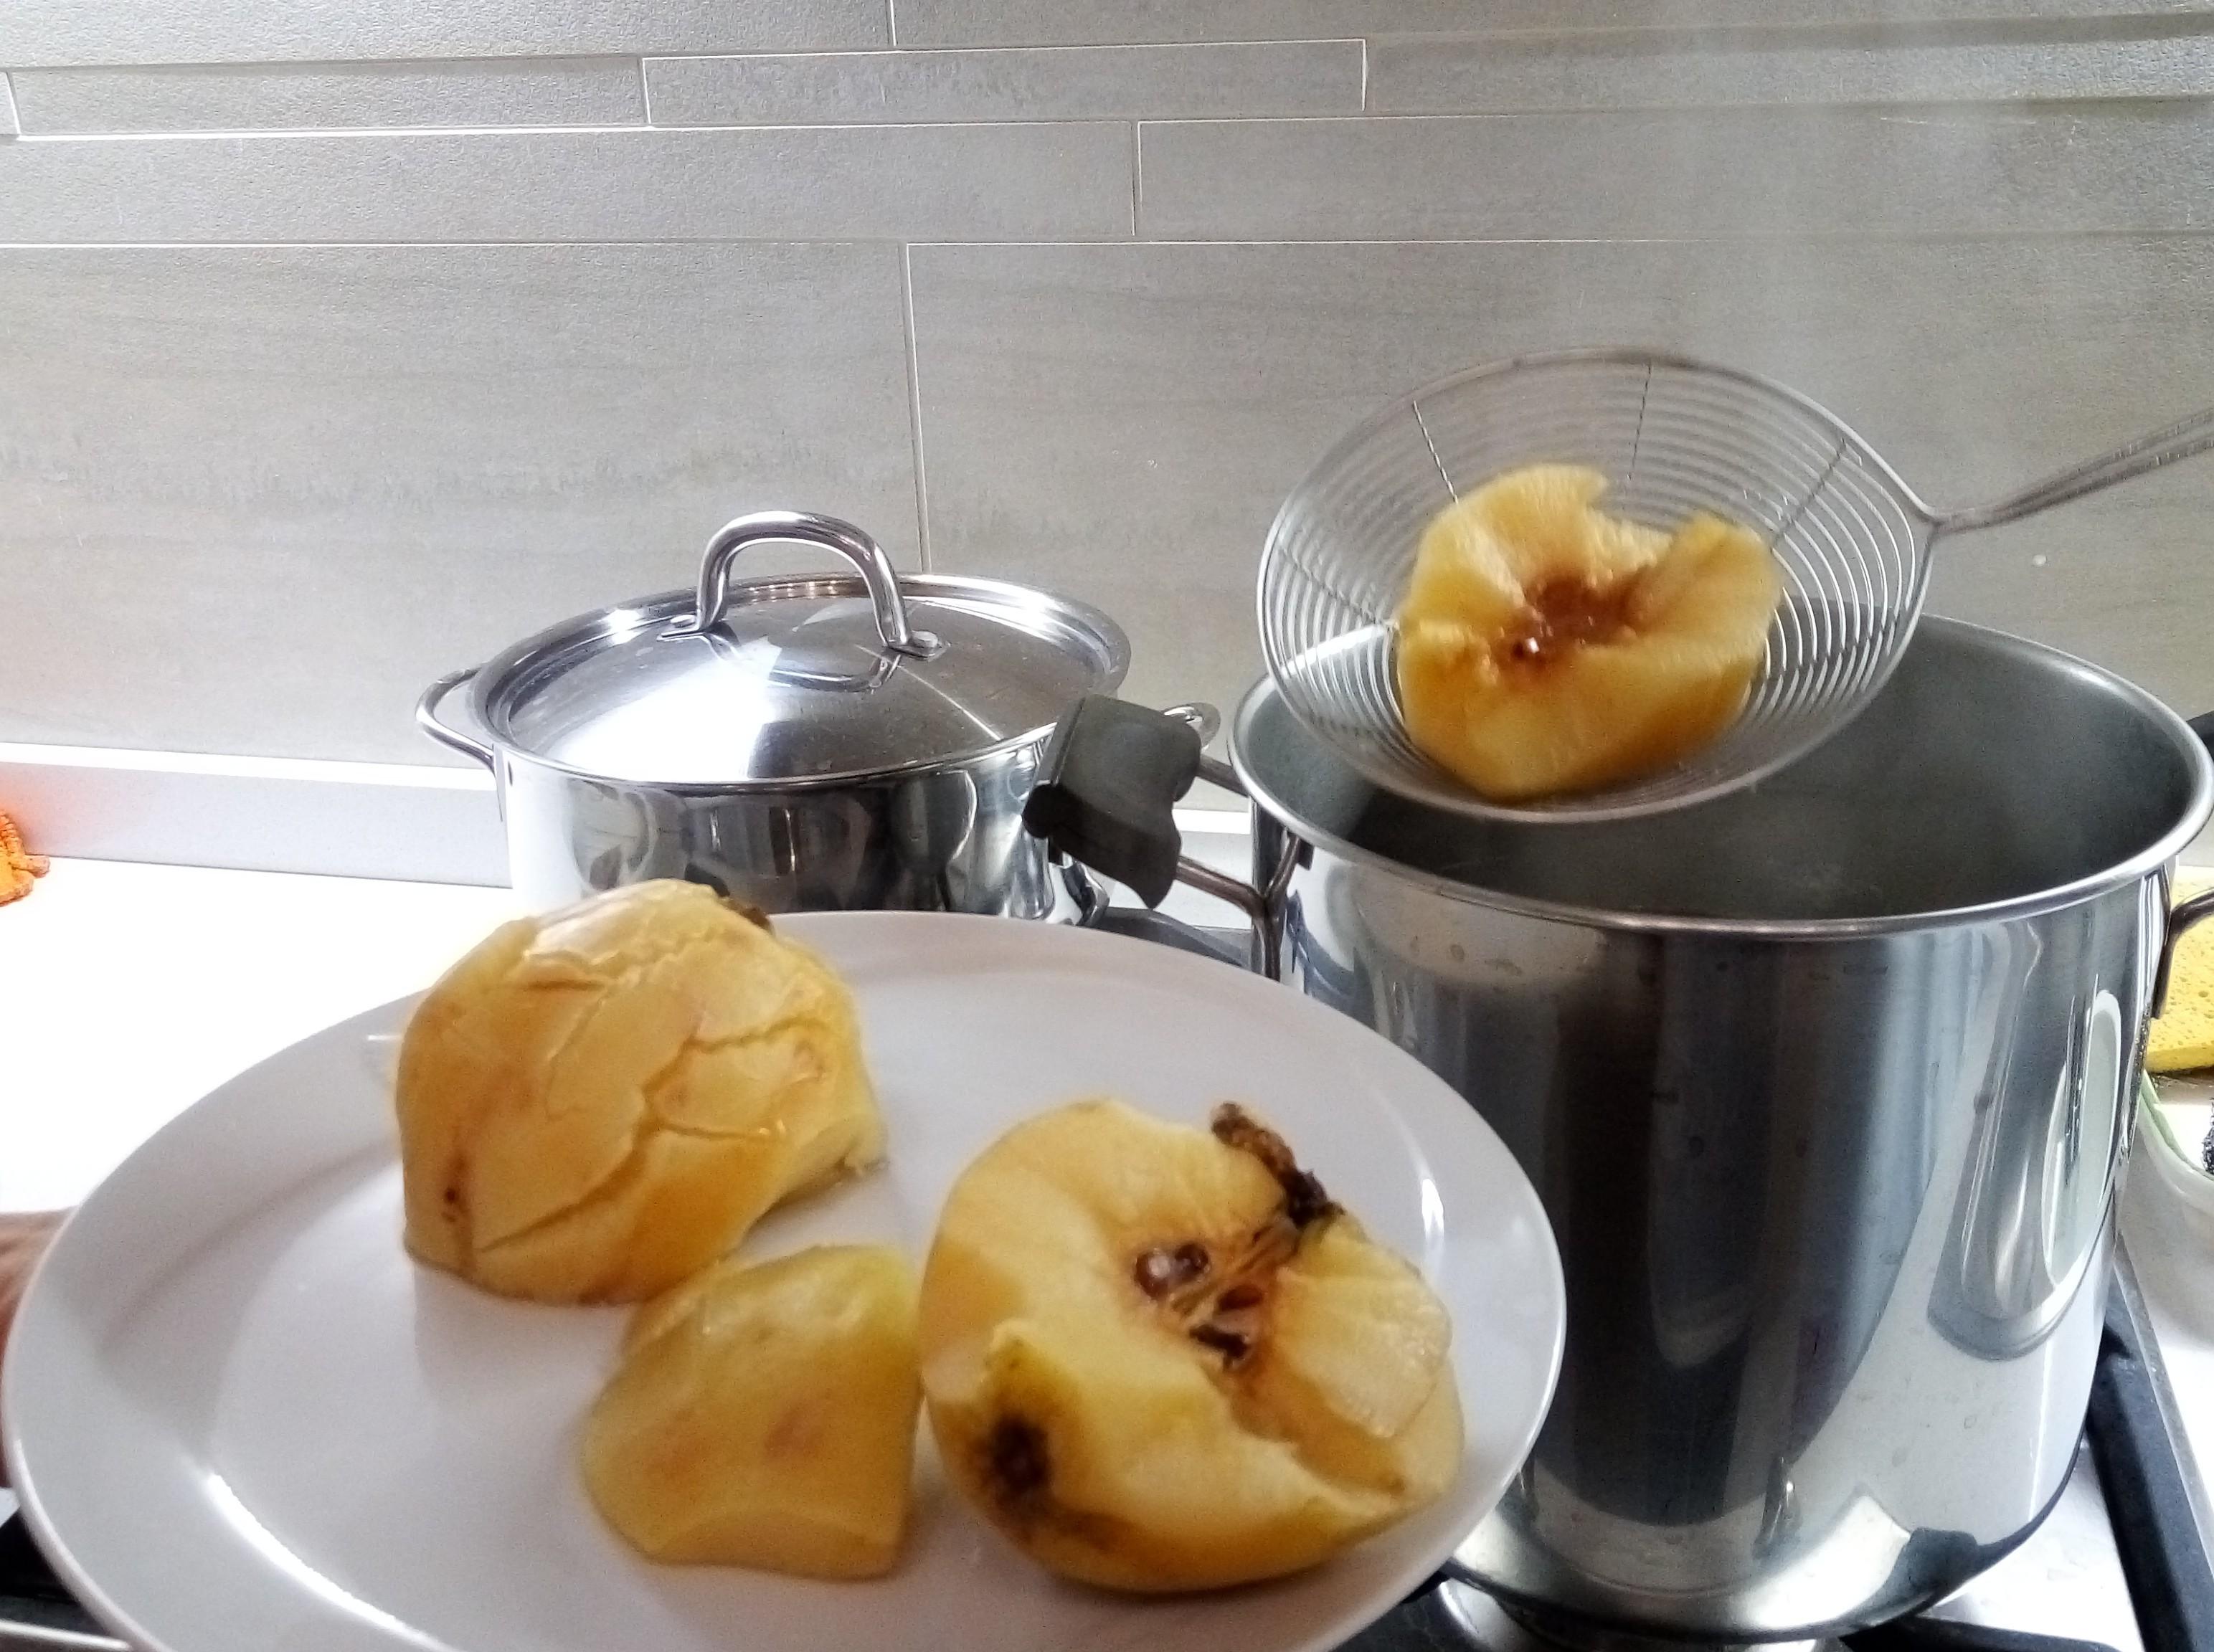 Togliete le mele dall'acqua aiutandovi con una schiumarola